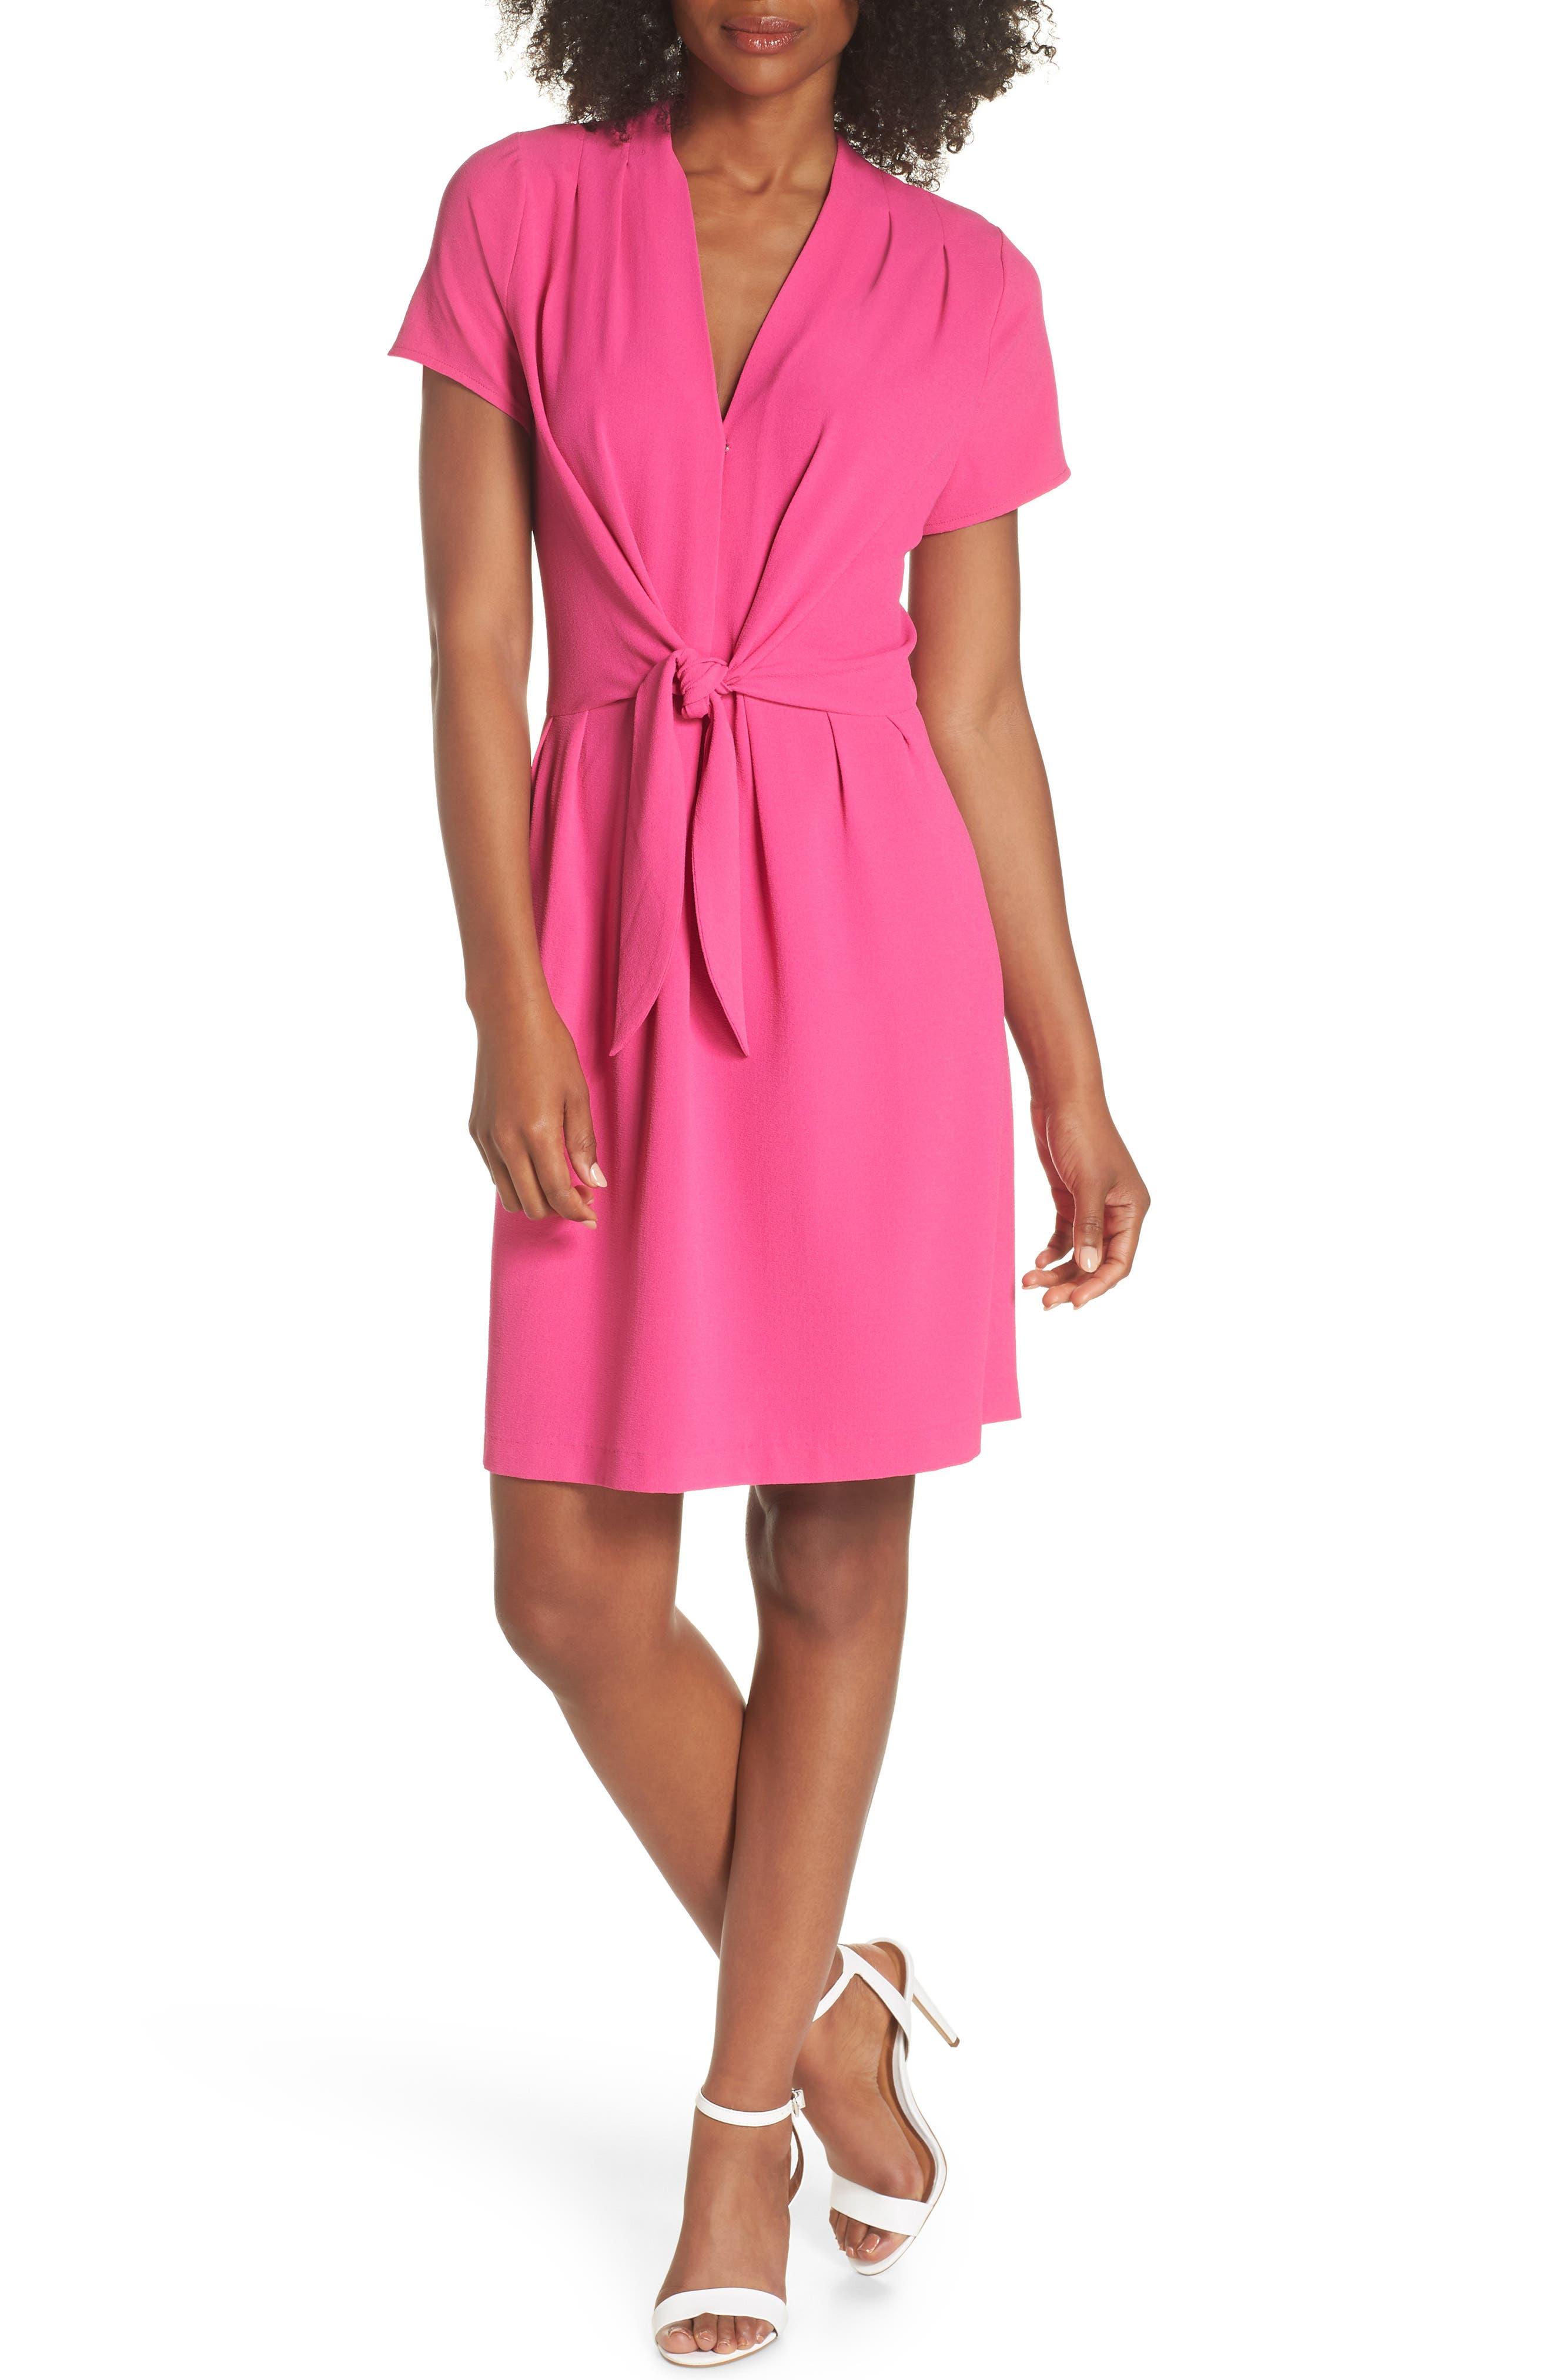 Felicity & Coco Tie Front Sheath Dress